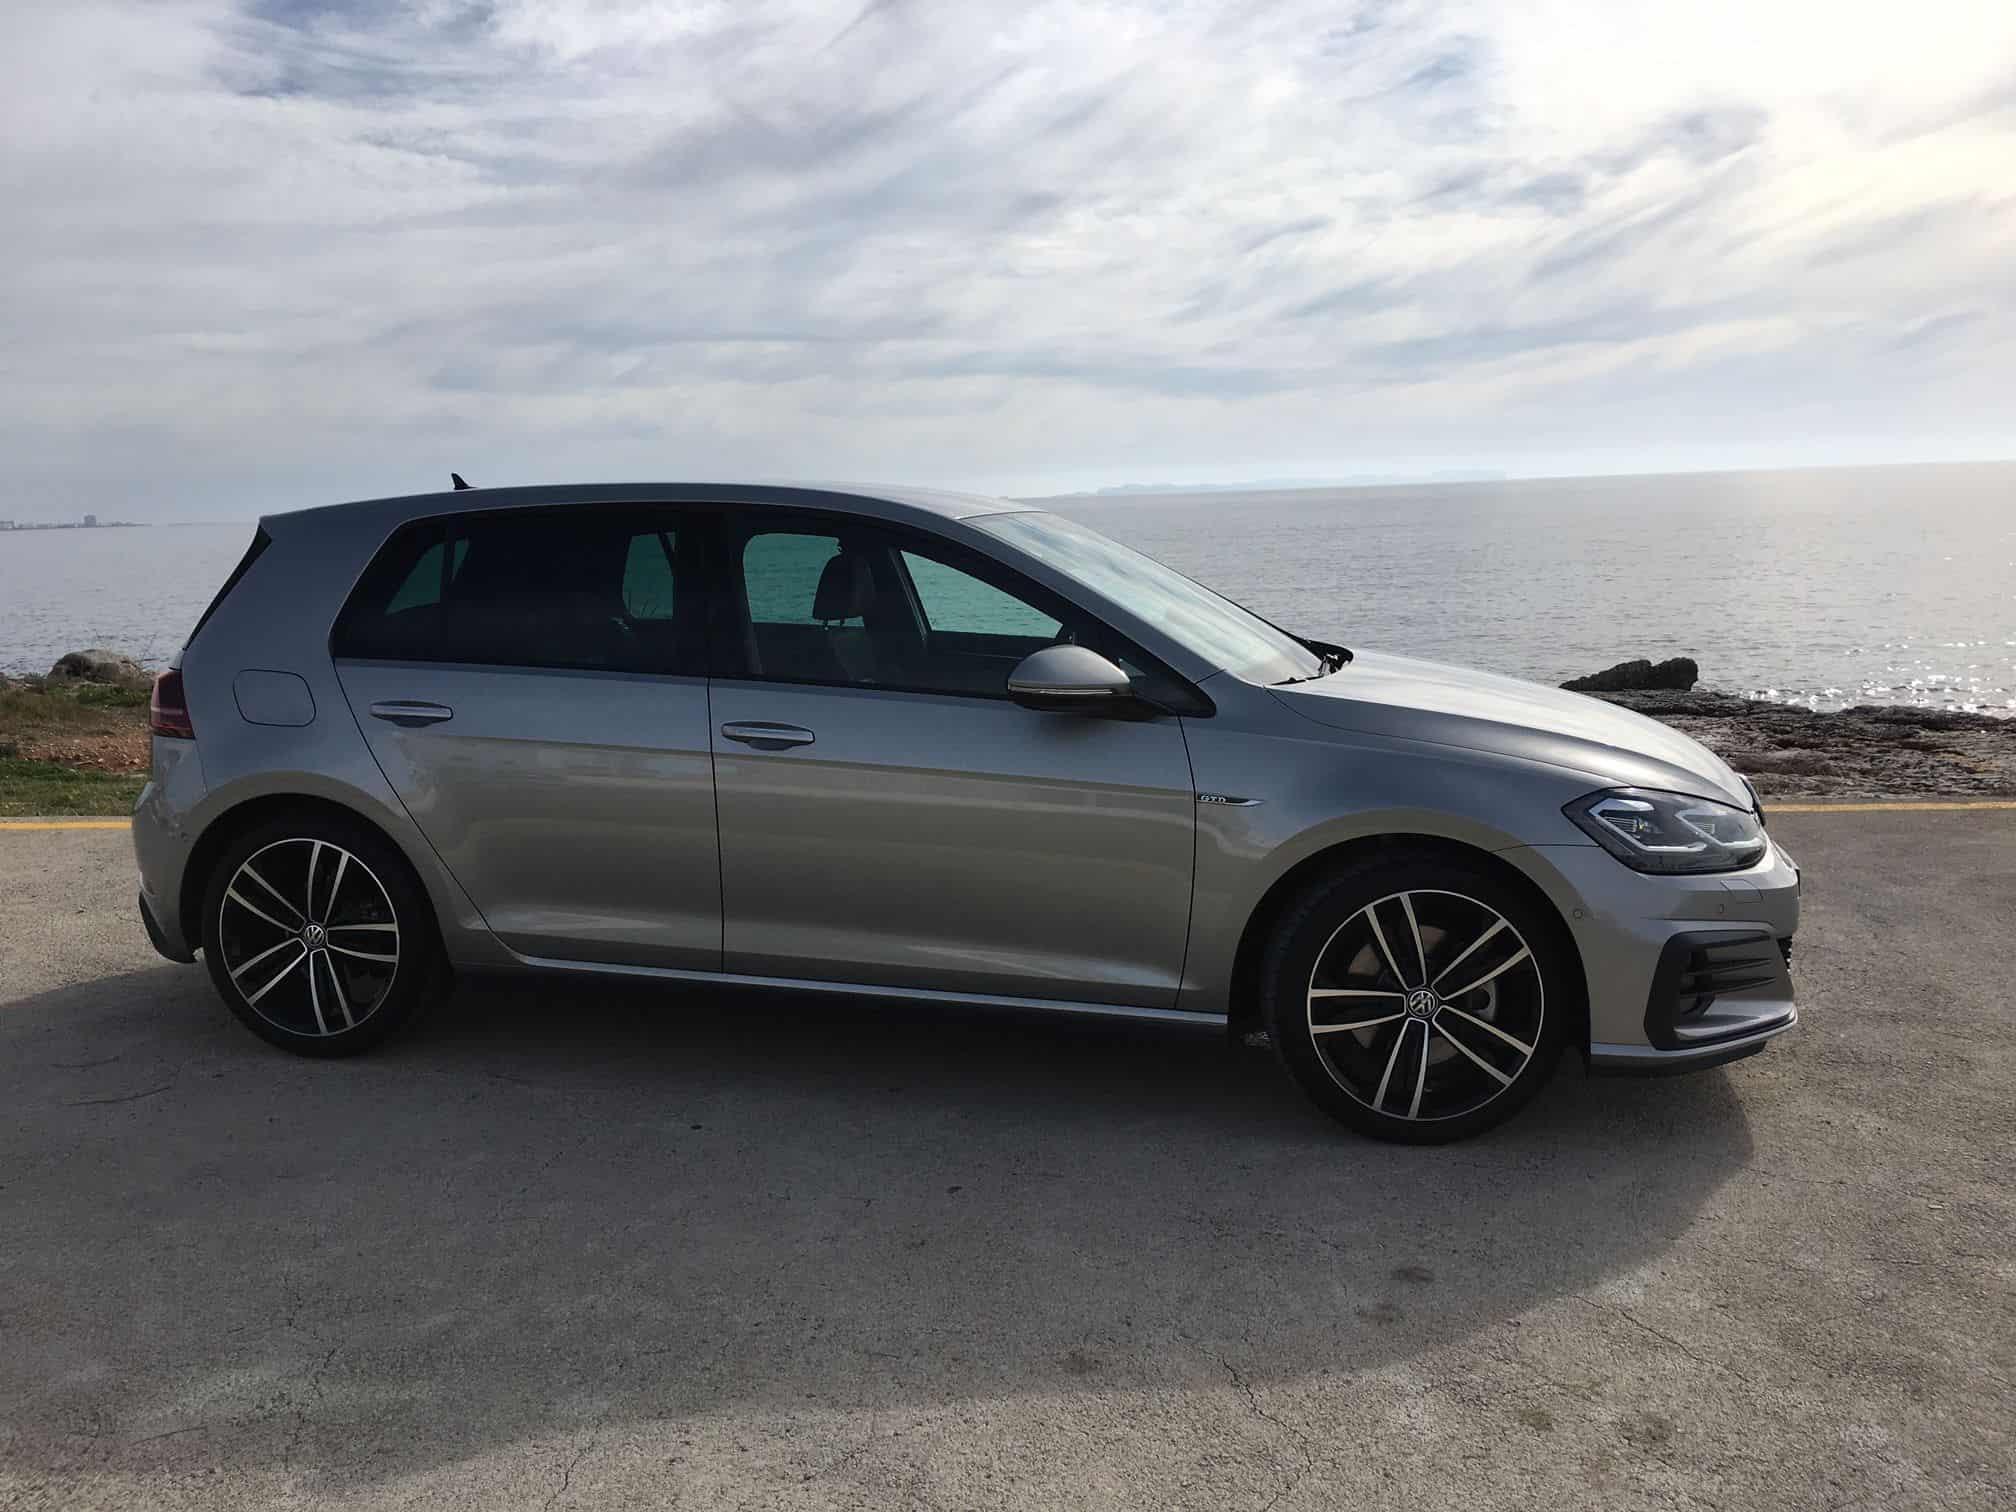 ... Glanz Und Eine Beeindruckende Tiefenwirkung. Mit Dieser Großen Auswahl  An Farben Und Materialien Trägt Volkswagen Dem Individualisierungstrend  Rechnung.